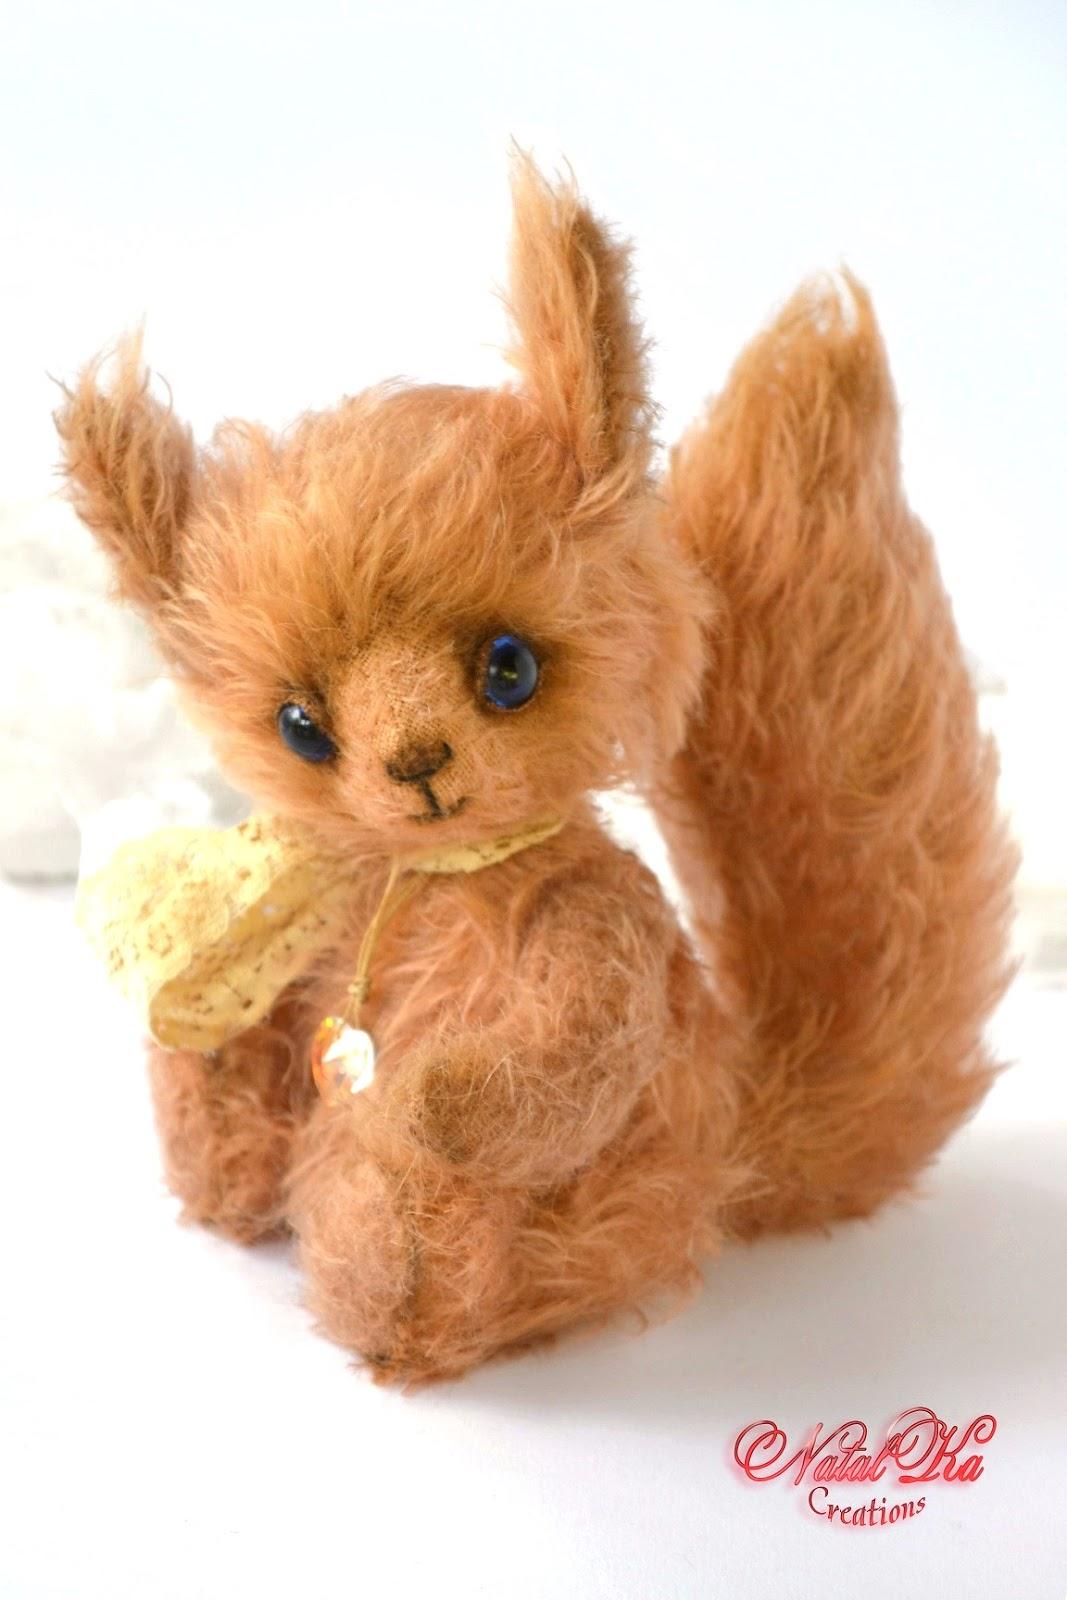 Künstler Eichhörnchen Teddy von Natalka Creations. Авторская белочка тедди от NatalKa Creations